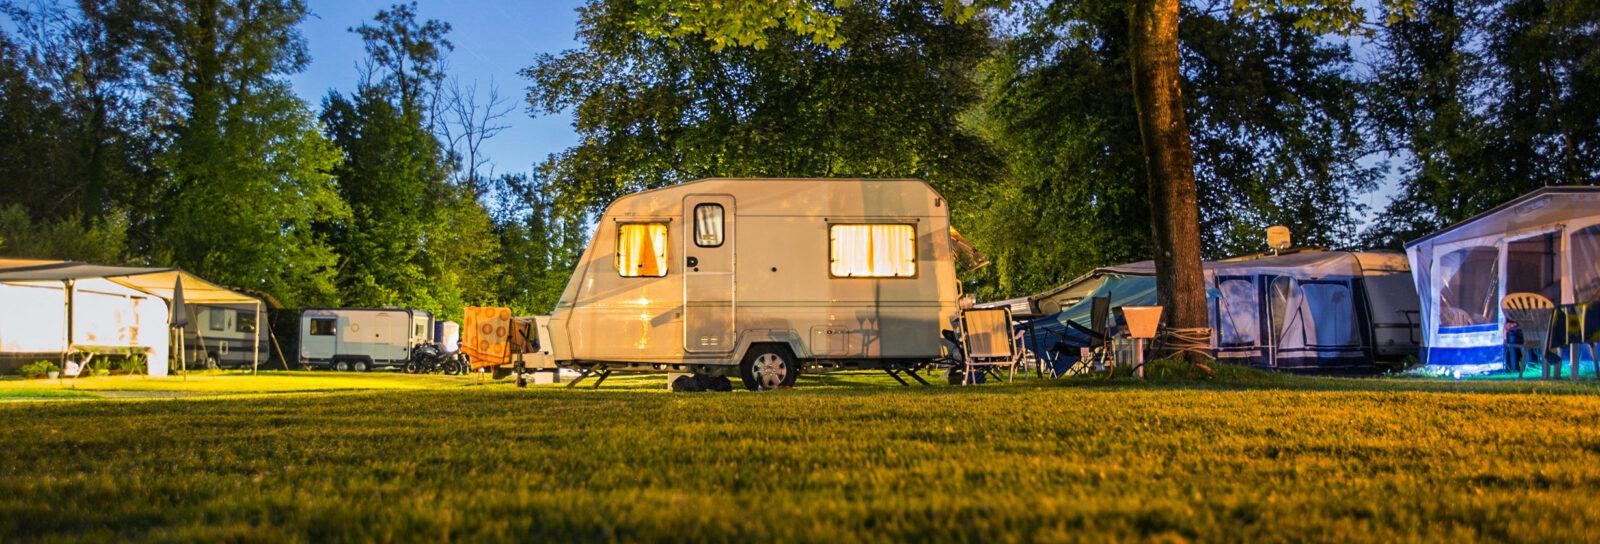 camperen_voortent_caravan